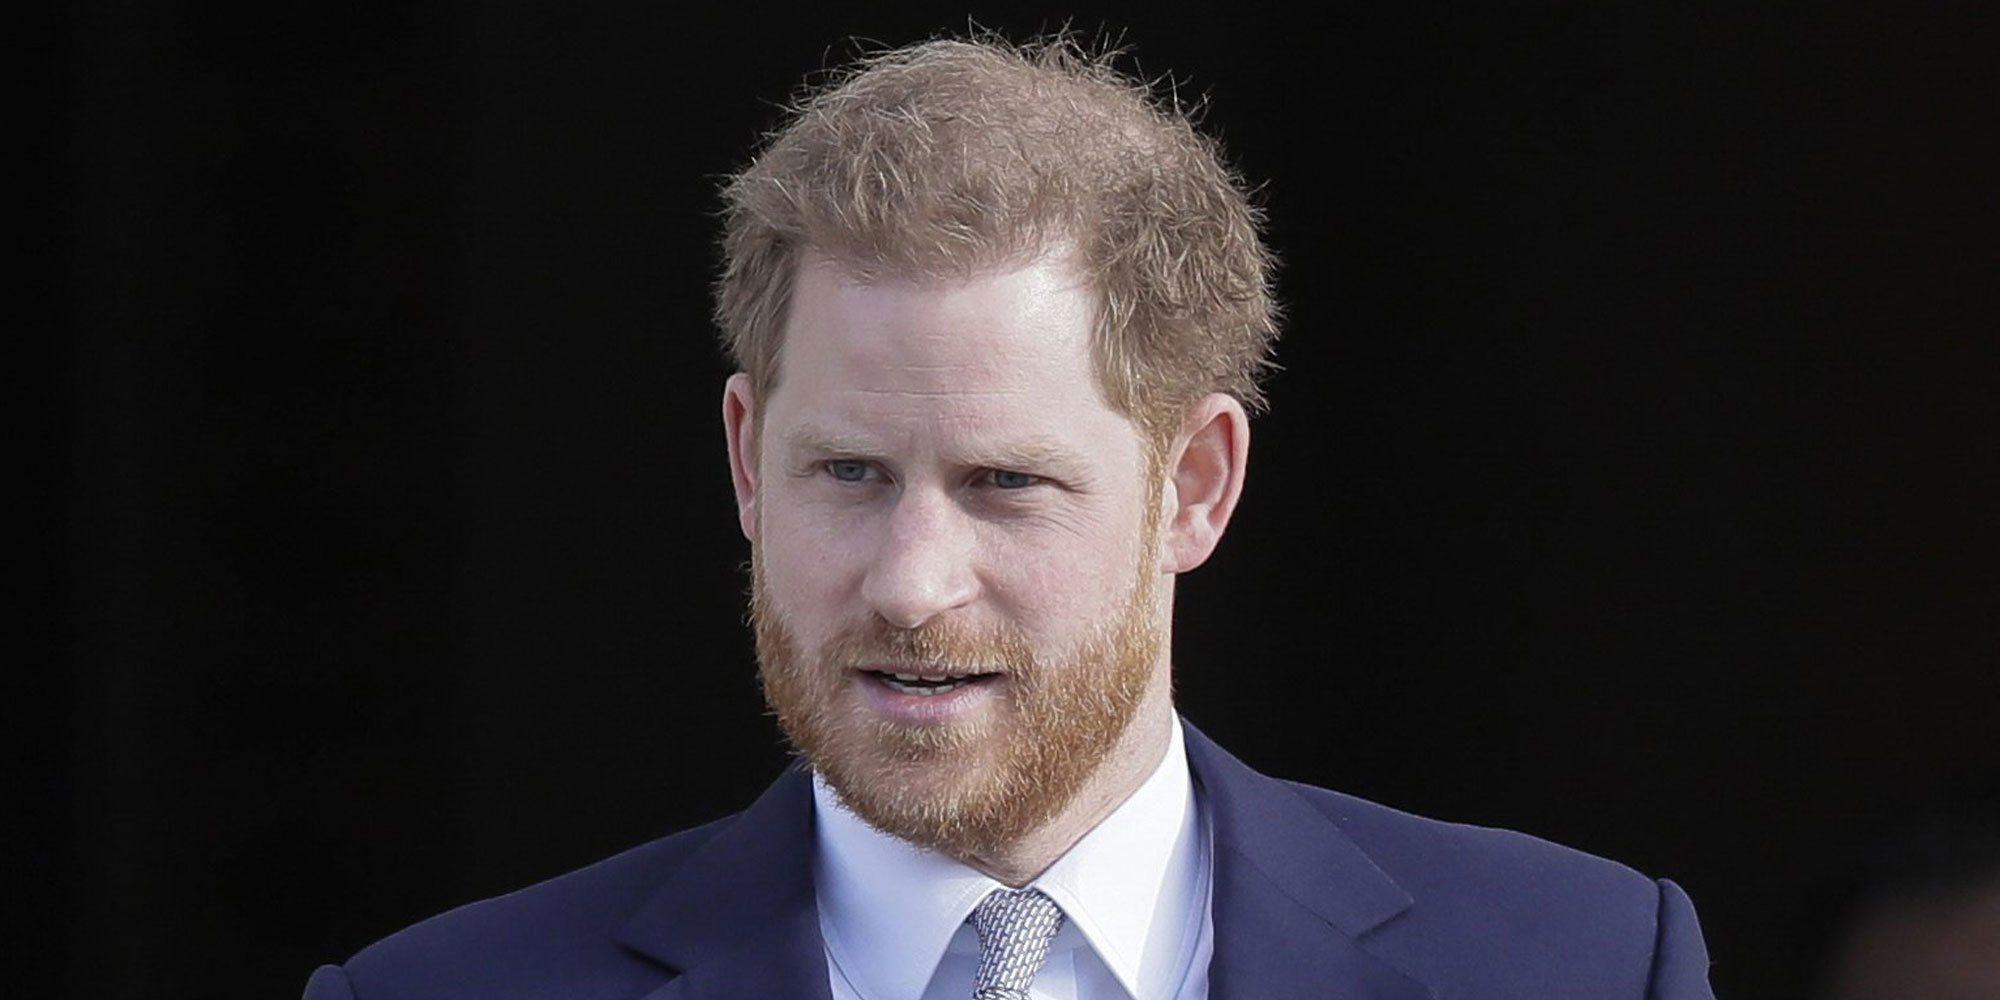 La paranoia que sufrió el Príncipe Harry cuando fue víctima de pinchazos telefónicos